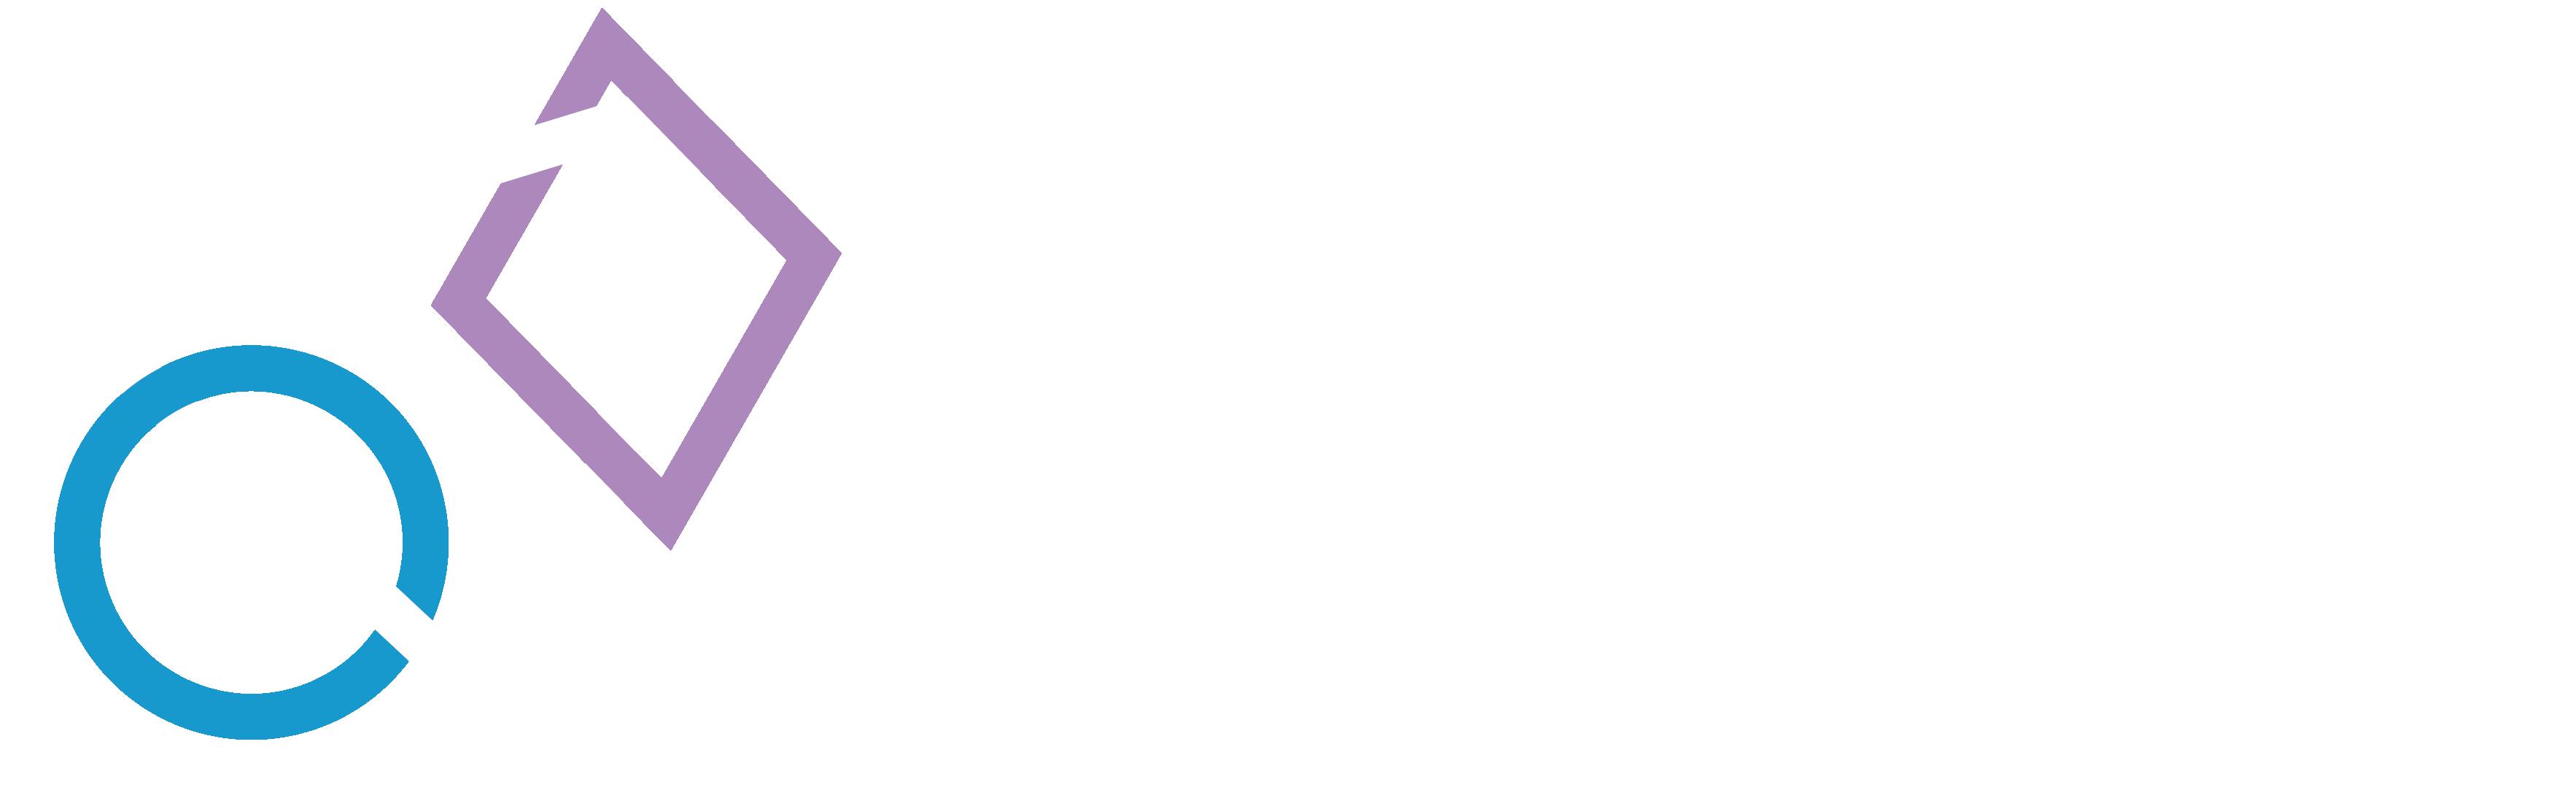 Vielfaltsprojekte GmbH